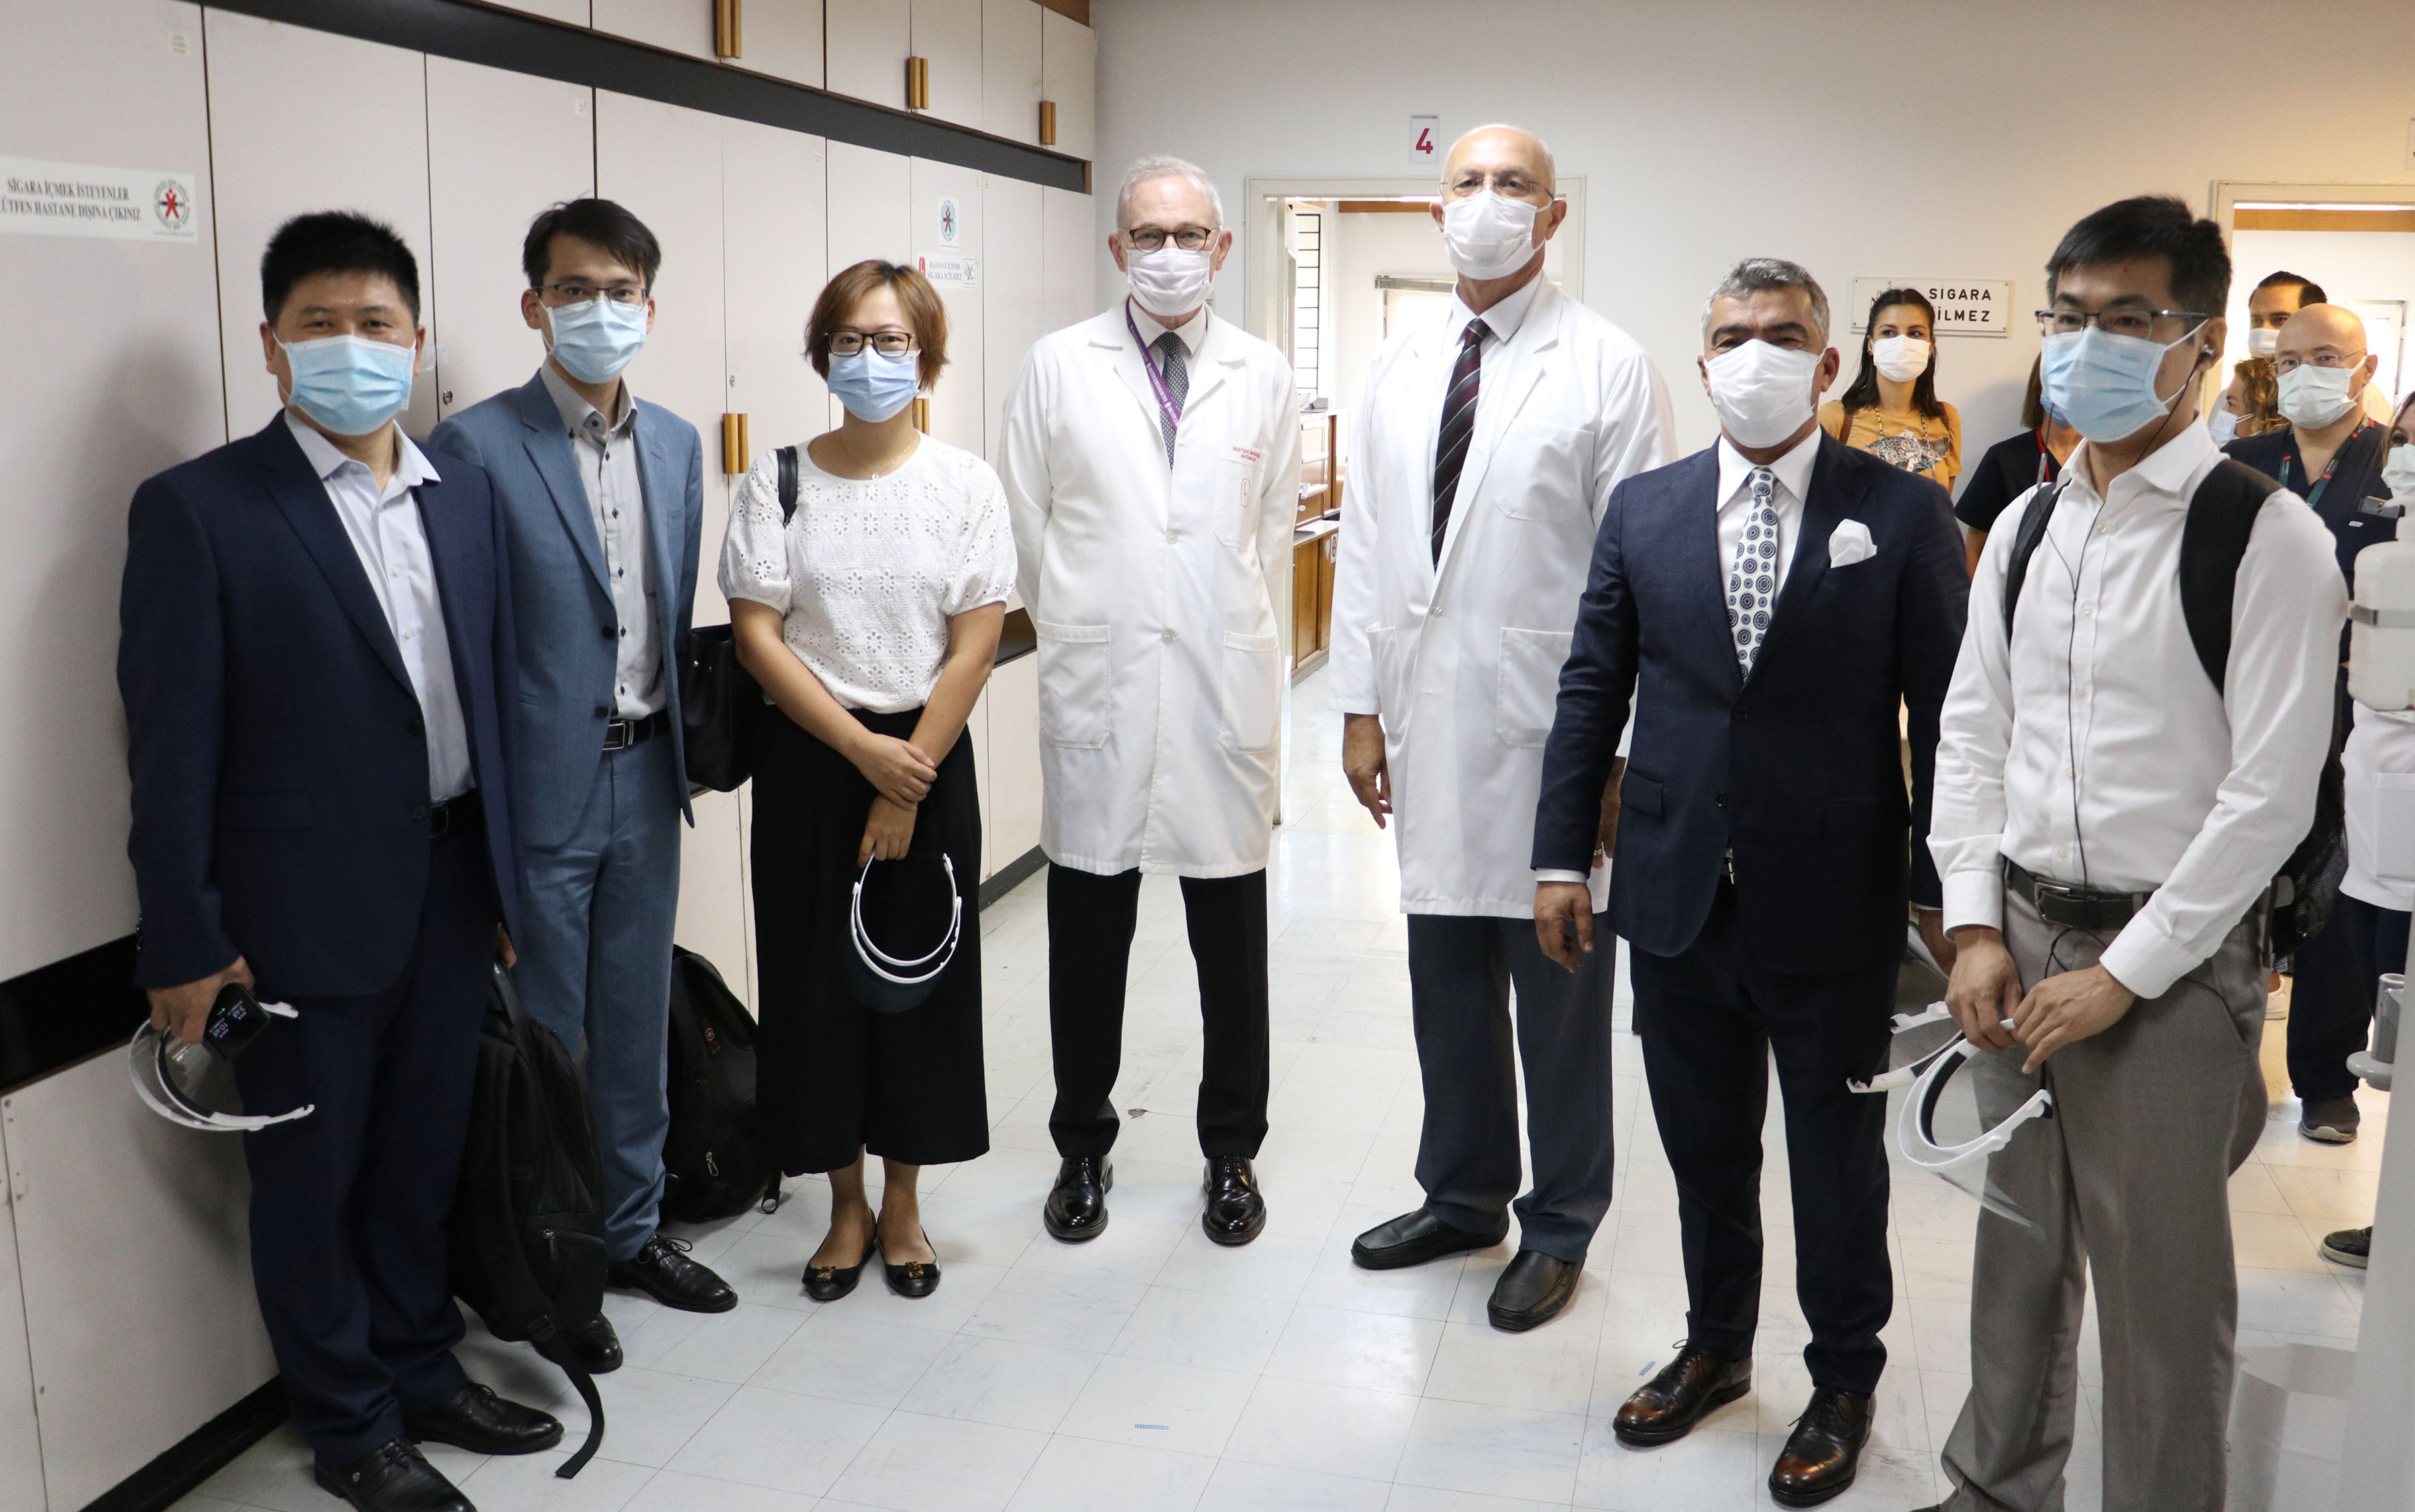 Koronavirüs aşısının Türkiye'deki denemeleri başladı